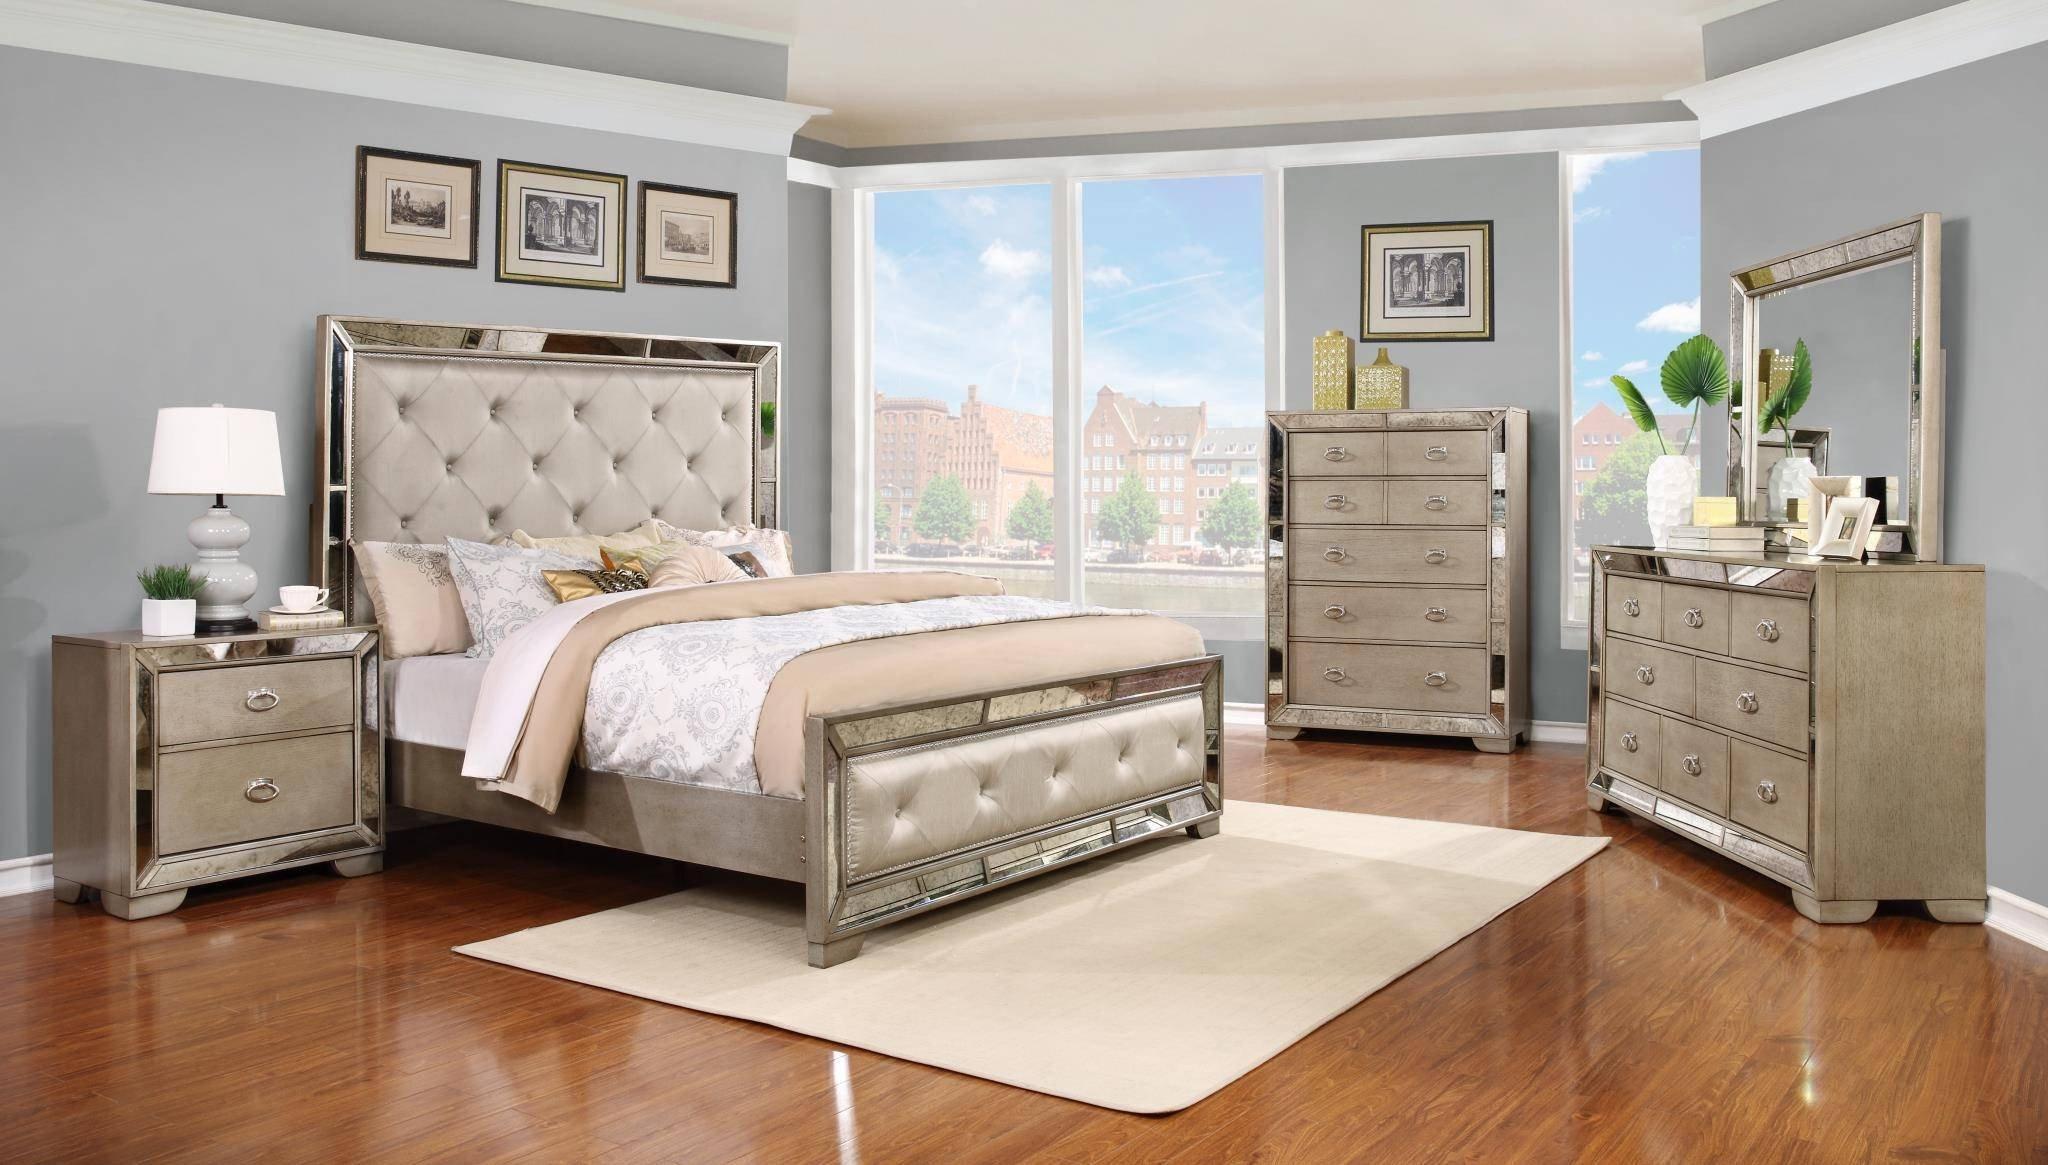 Queen Size Bedroom Set Unique soflex Lilyanna Diamond Tufted Headboard Queen Bedroom Set